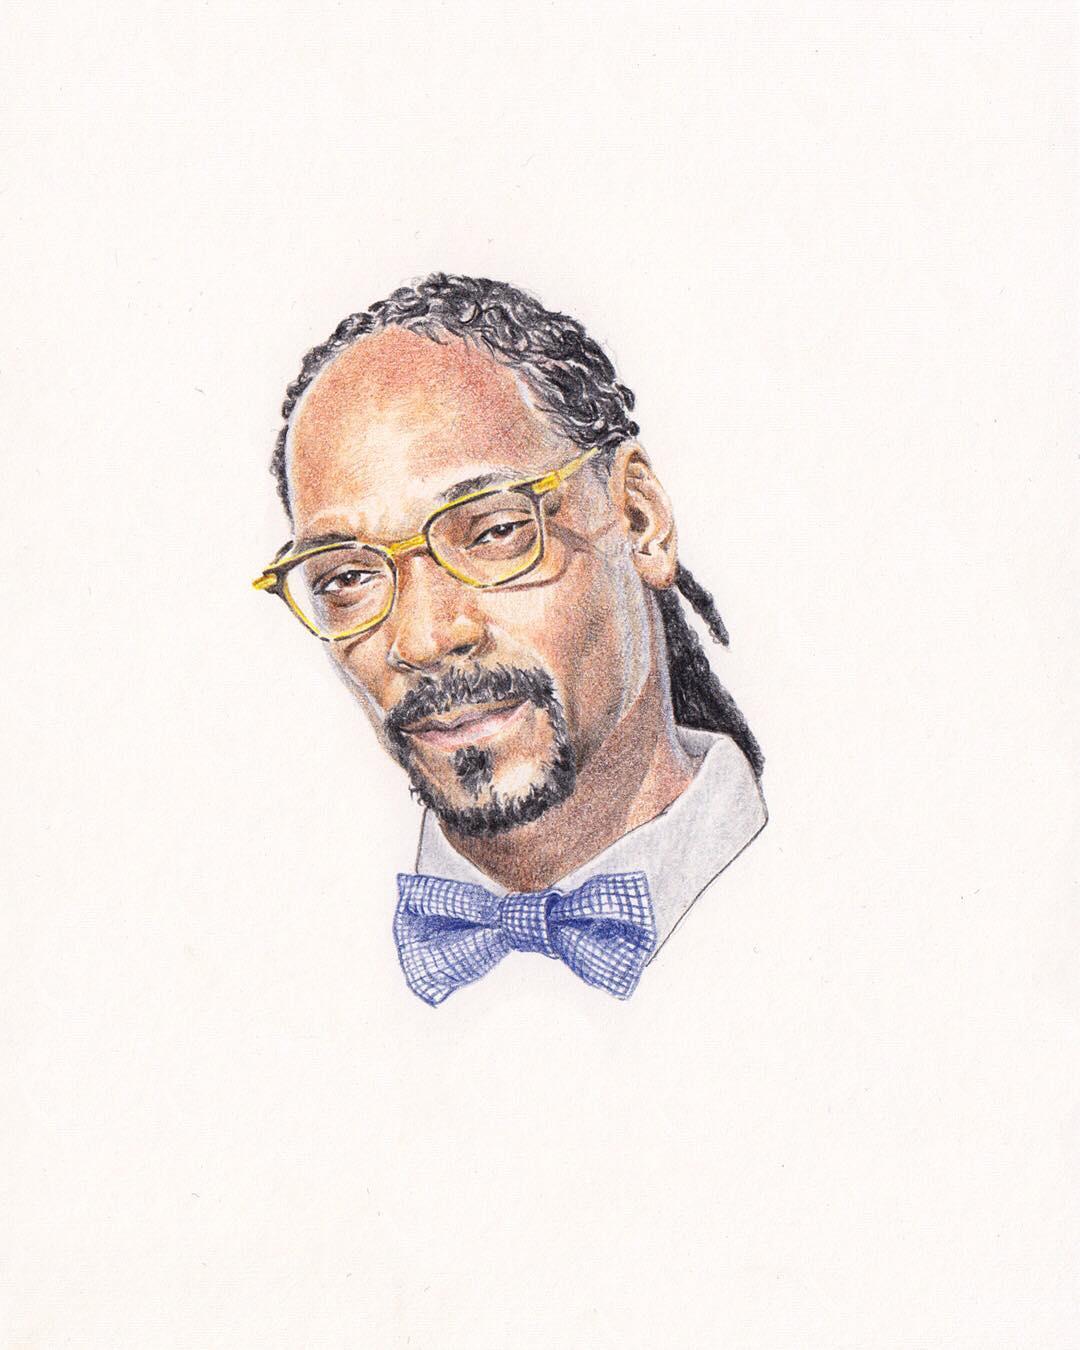 Un portrait du rappeur Snoop Dog réalisé par Alexandre Luu